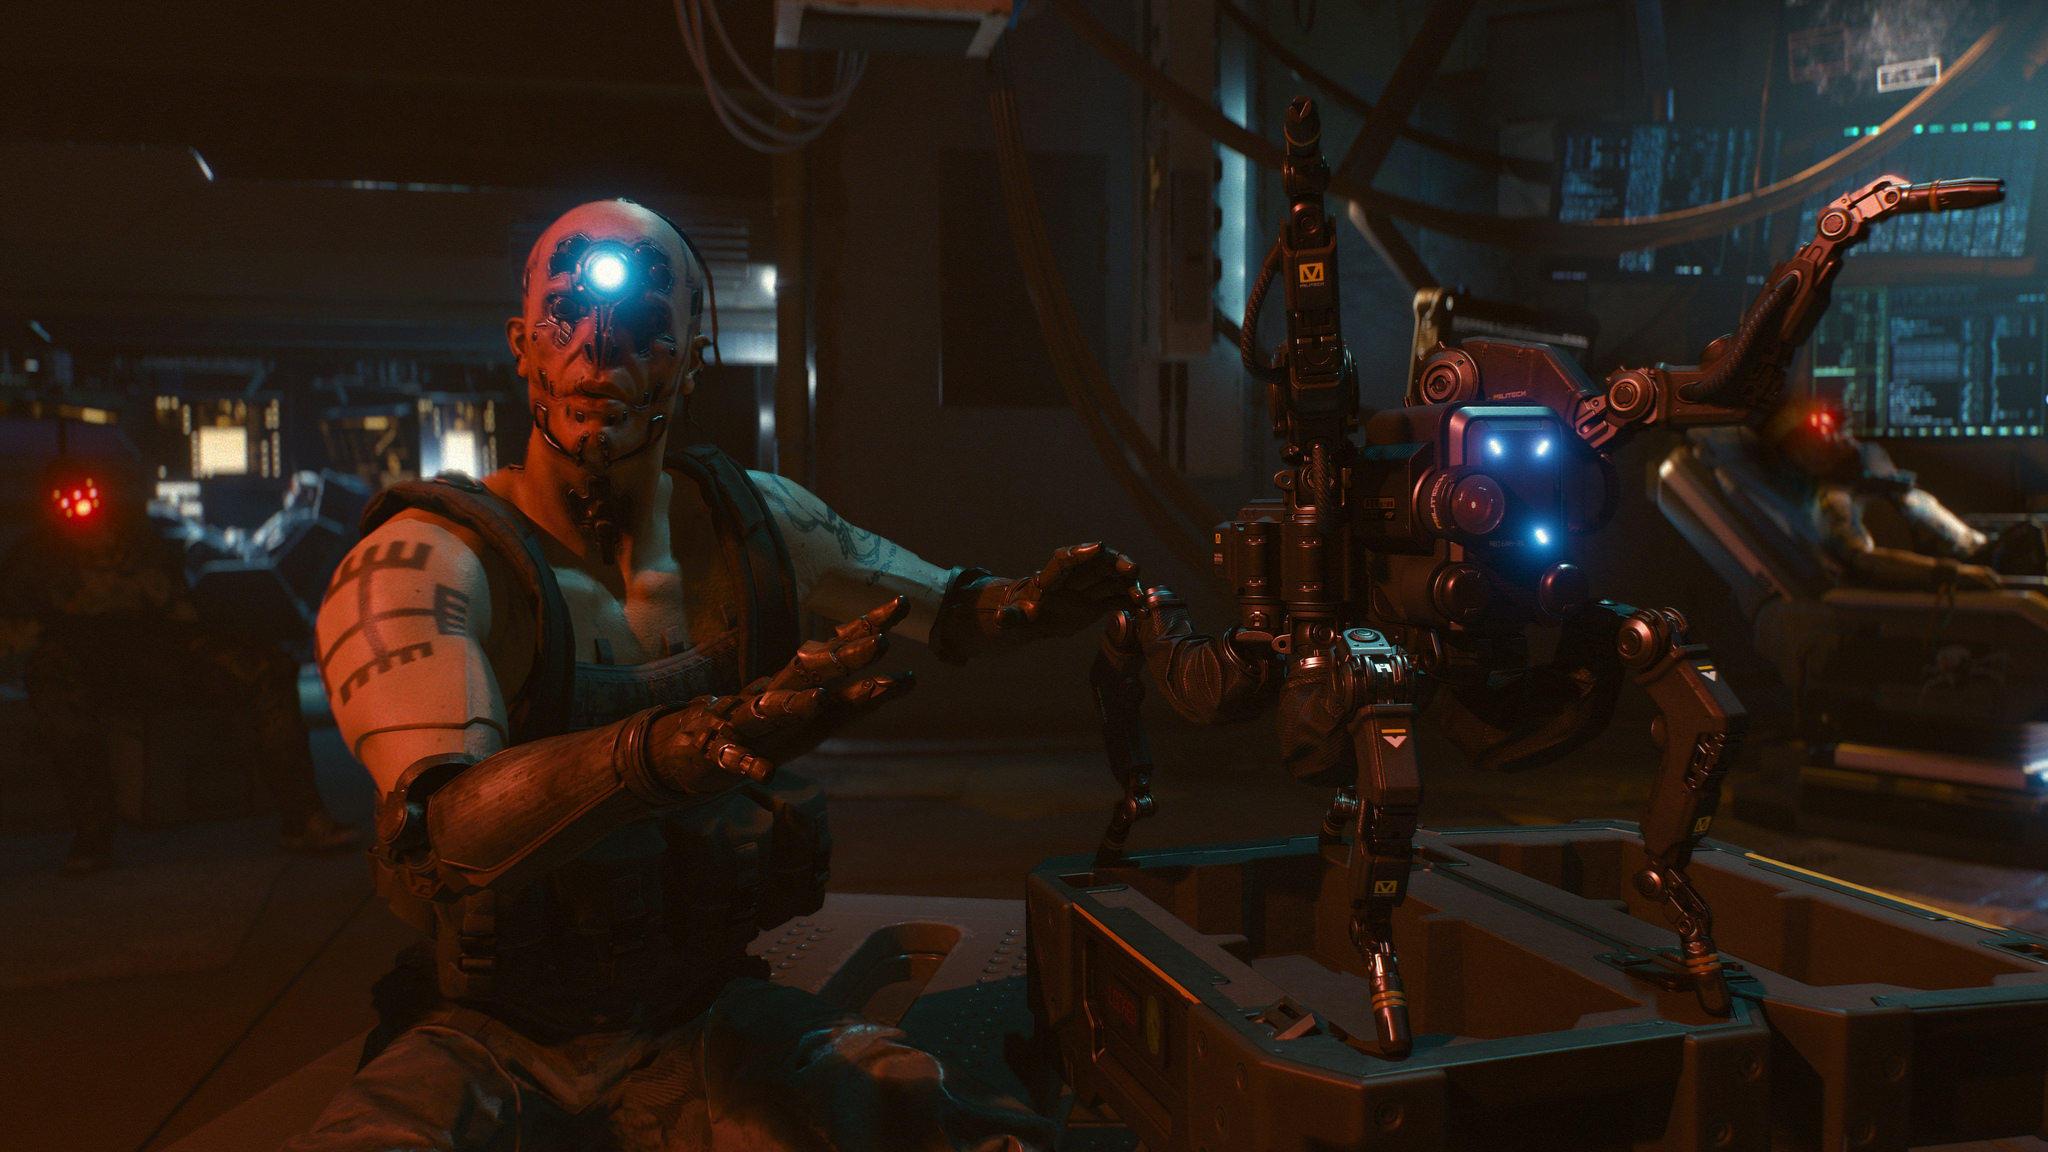 Un sogno chiamato Cyberpunk 2077